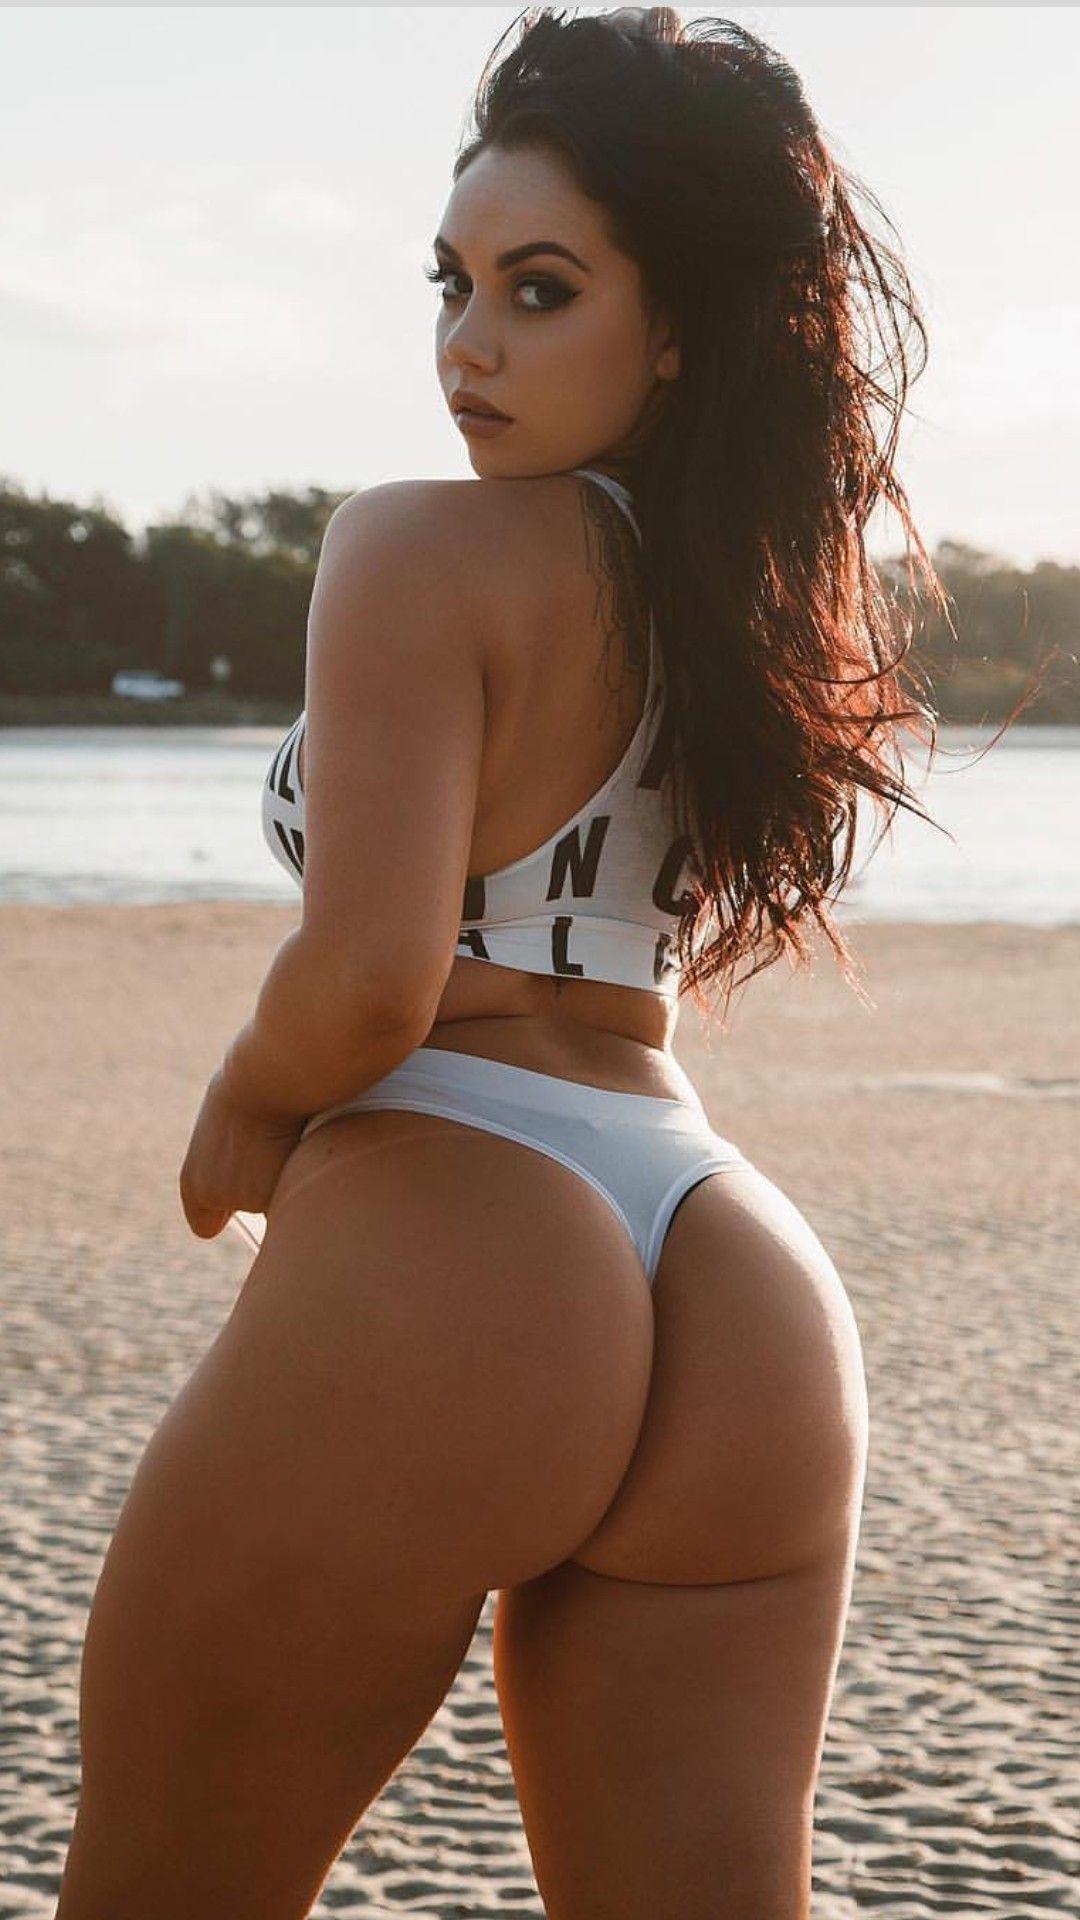 Big booty babes get slammed hard